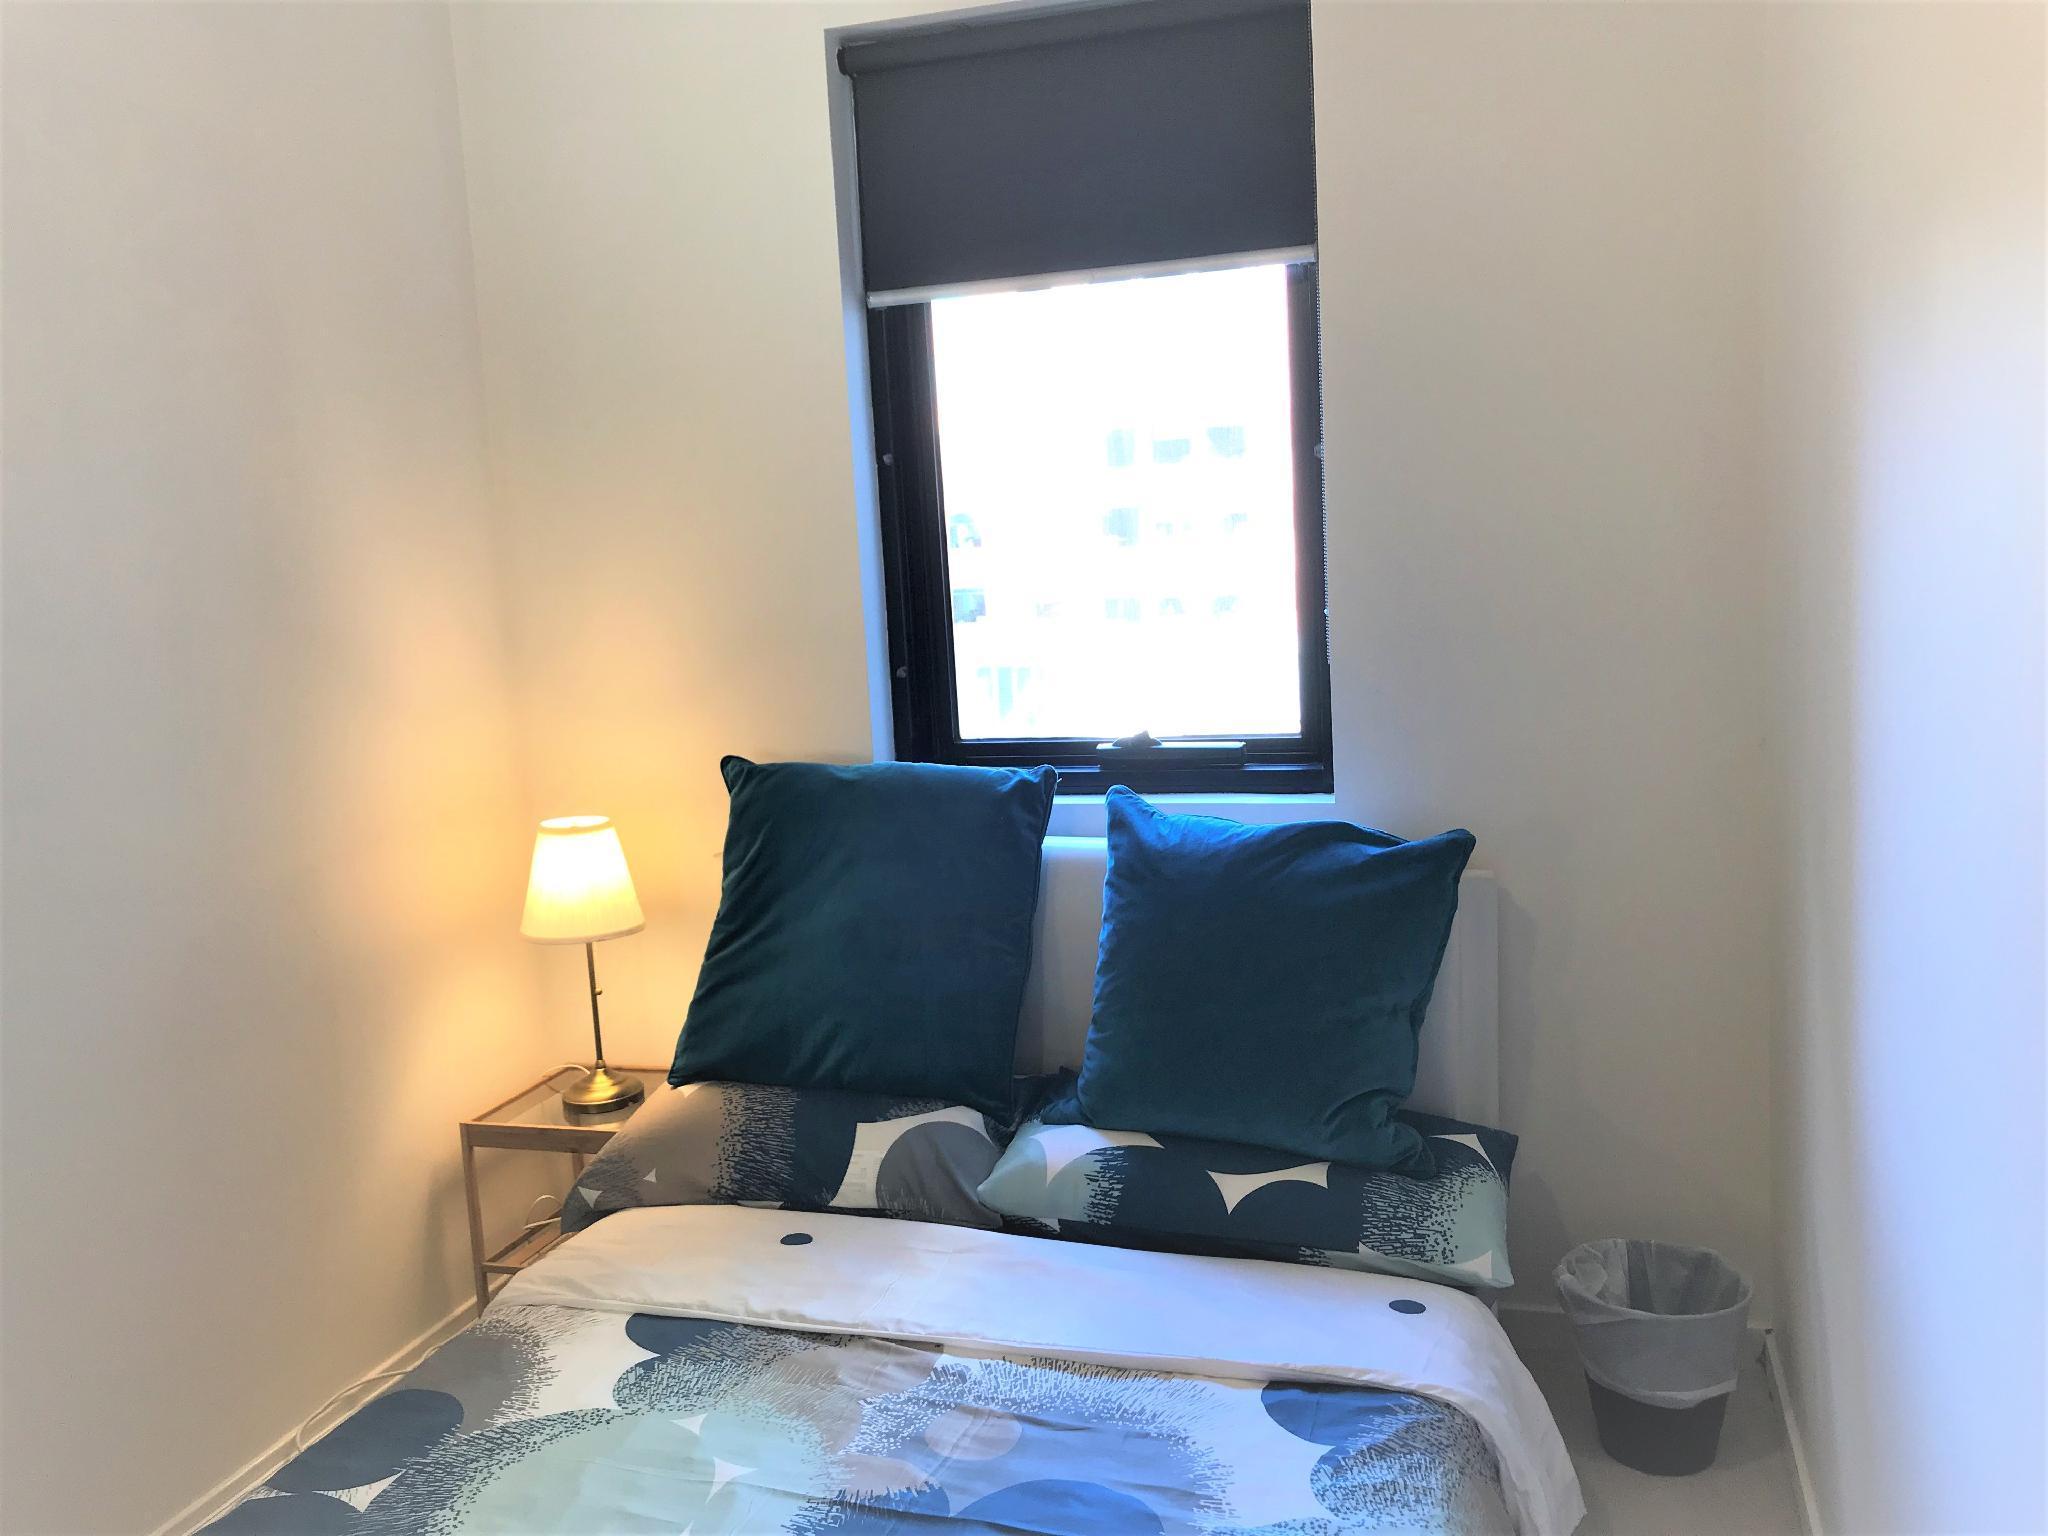 AUML07 5 CBD Private Room Cozy Apt Free Tram Zone